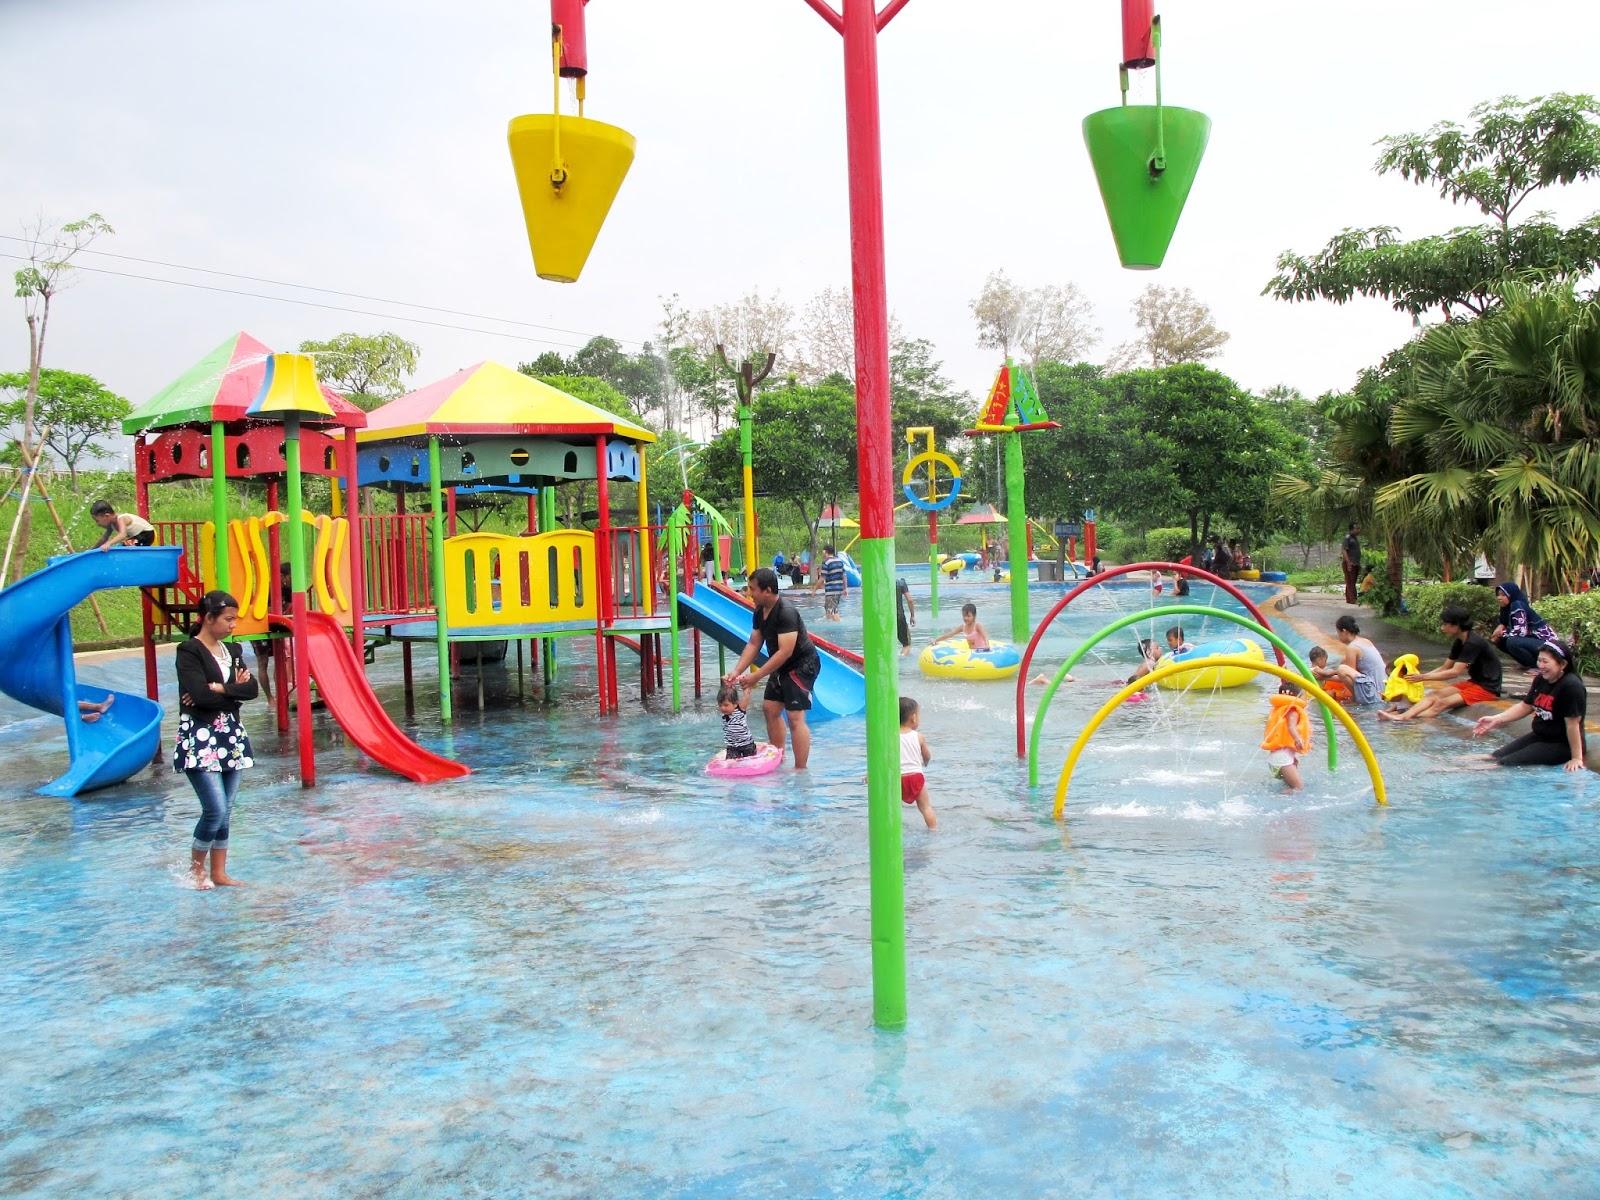 Wisata Joglo Park Pacet Haya Zone Tempat Penuh Pengunjung Gumam